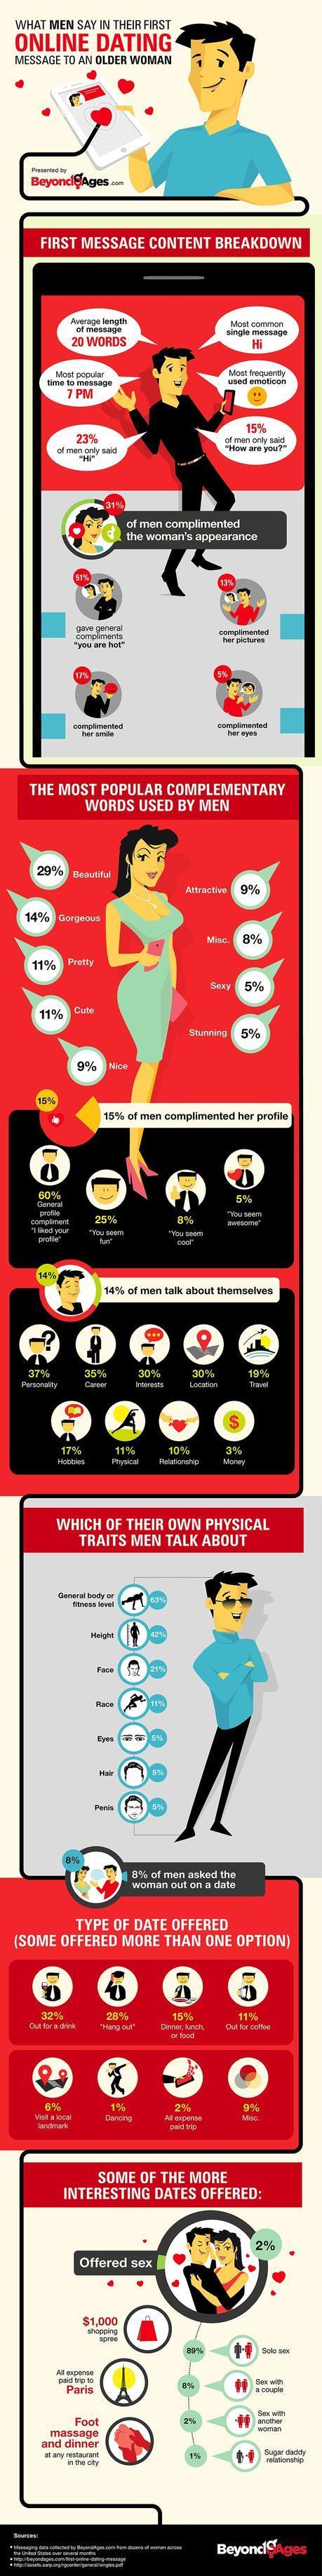 how men talk to women